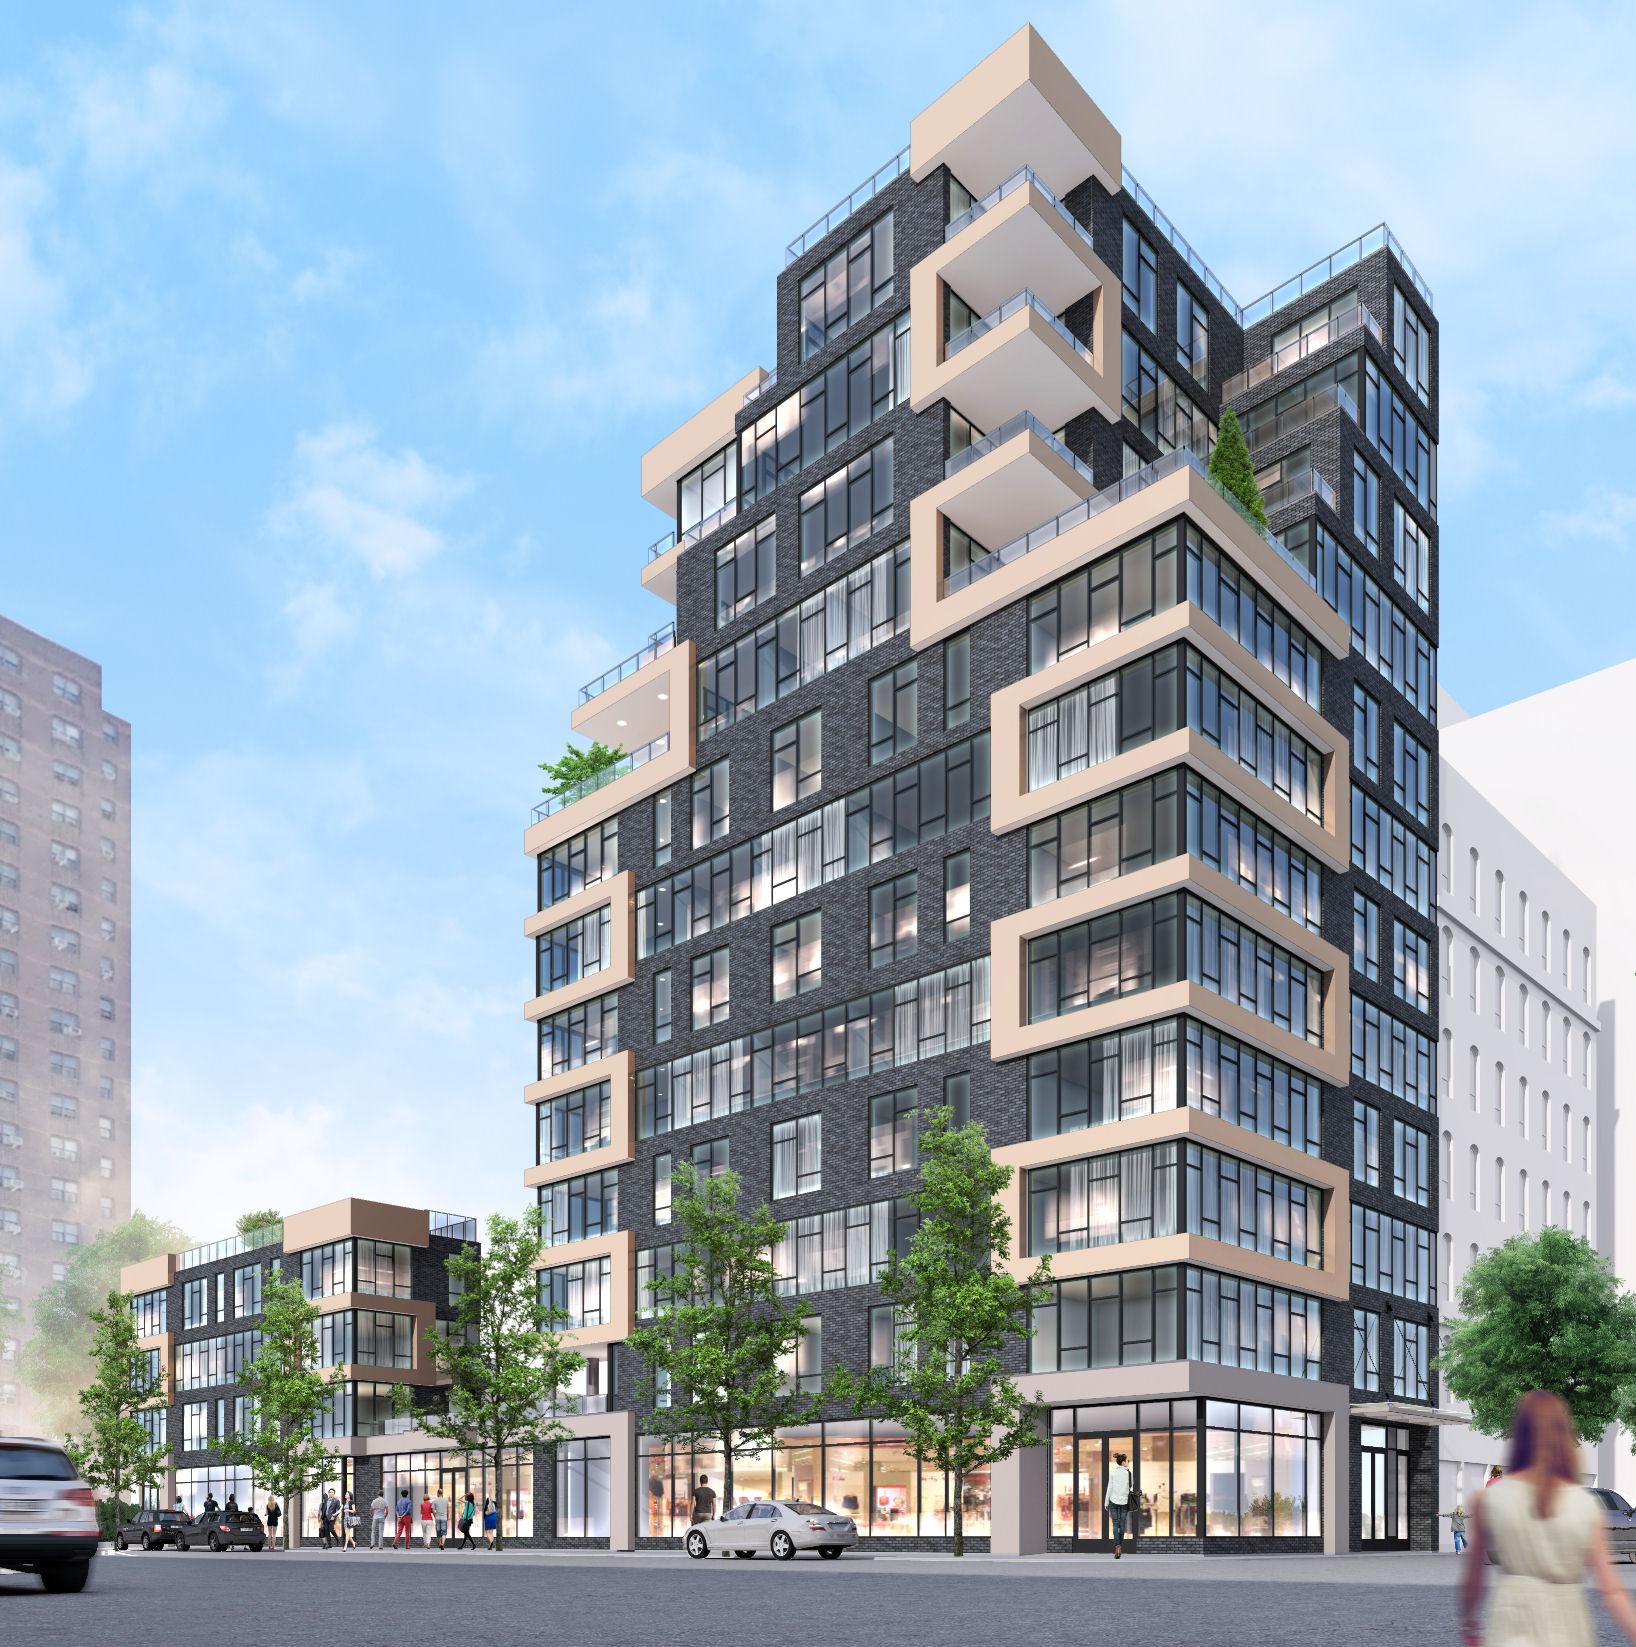 1516 Park Avenue, rendering by Karl Fischer Architect